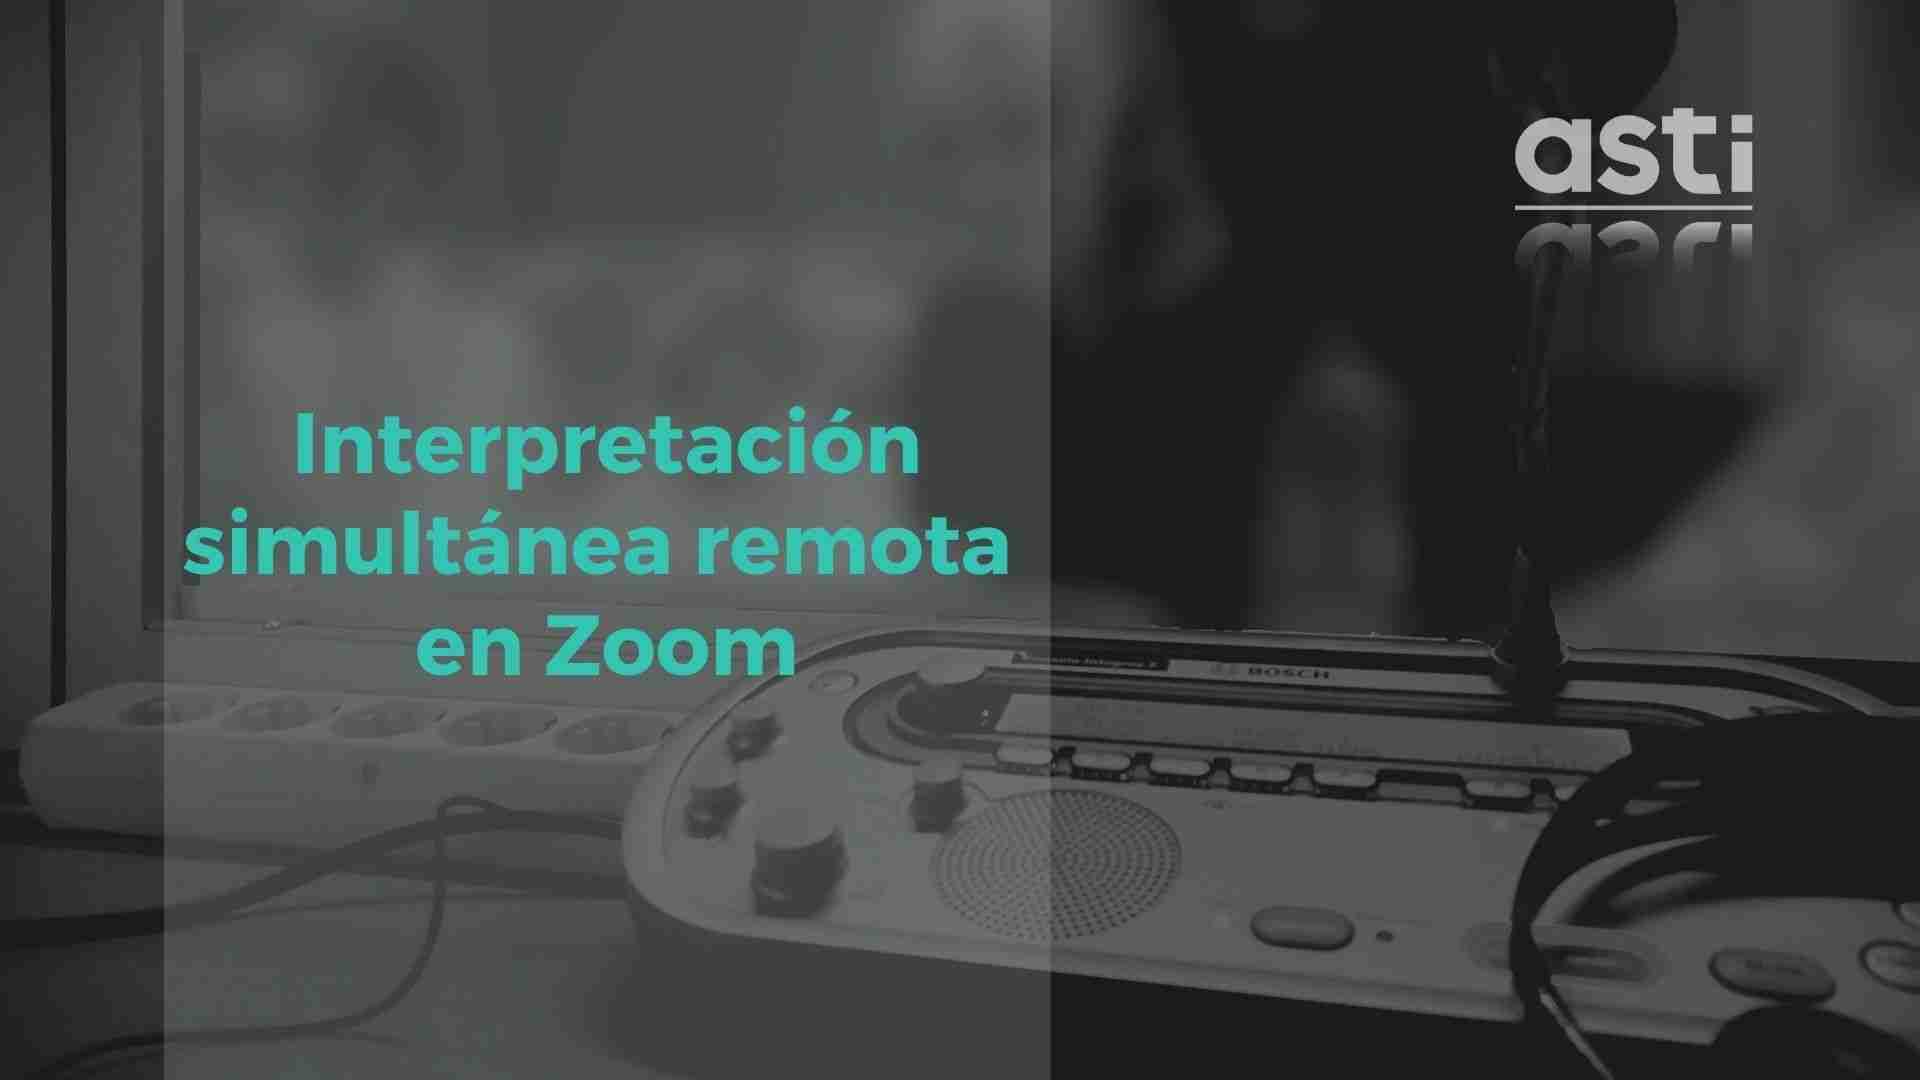 Interpretación simultánea remota en zoom